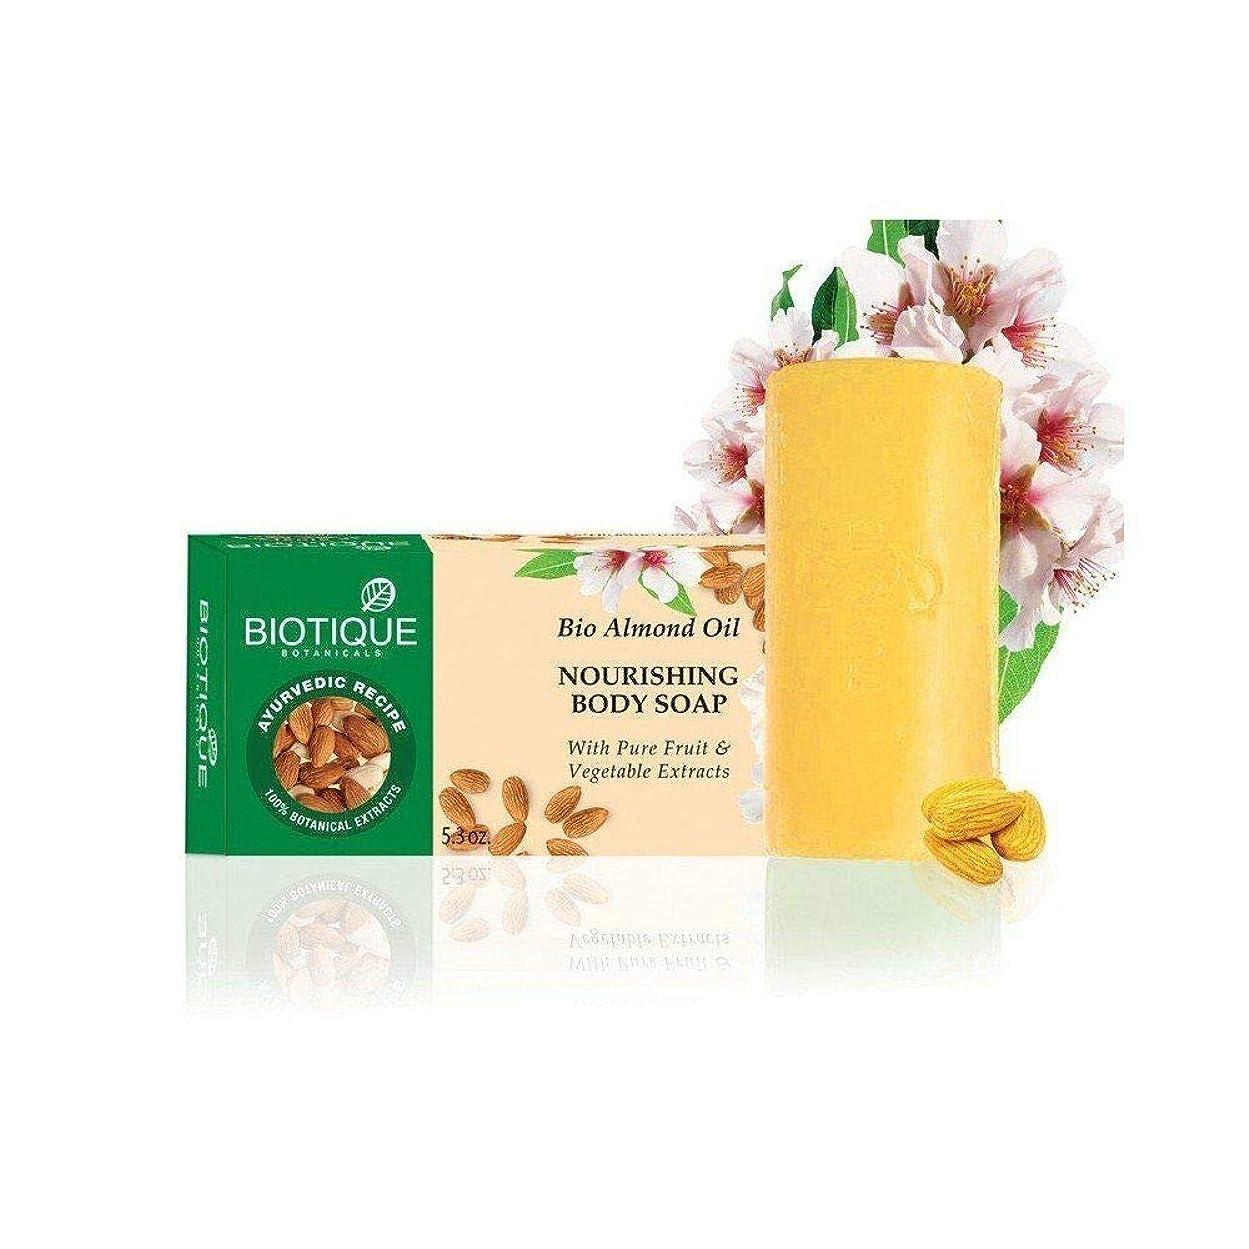 怒っているセラフ家庭教師Biotique Bio Almond Oil Nourishing Body Soap - 150g (Pack of 2) wash Impurities Biotique Bio Almond Oilナリッシングボディソープ - 洗浄不純物